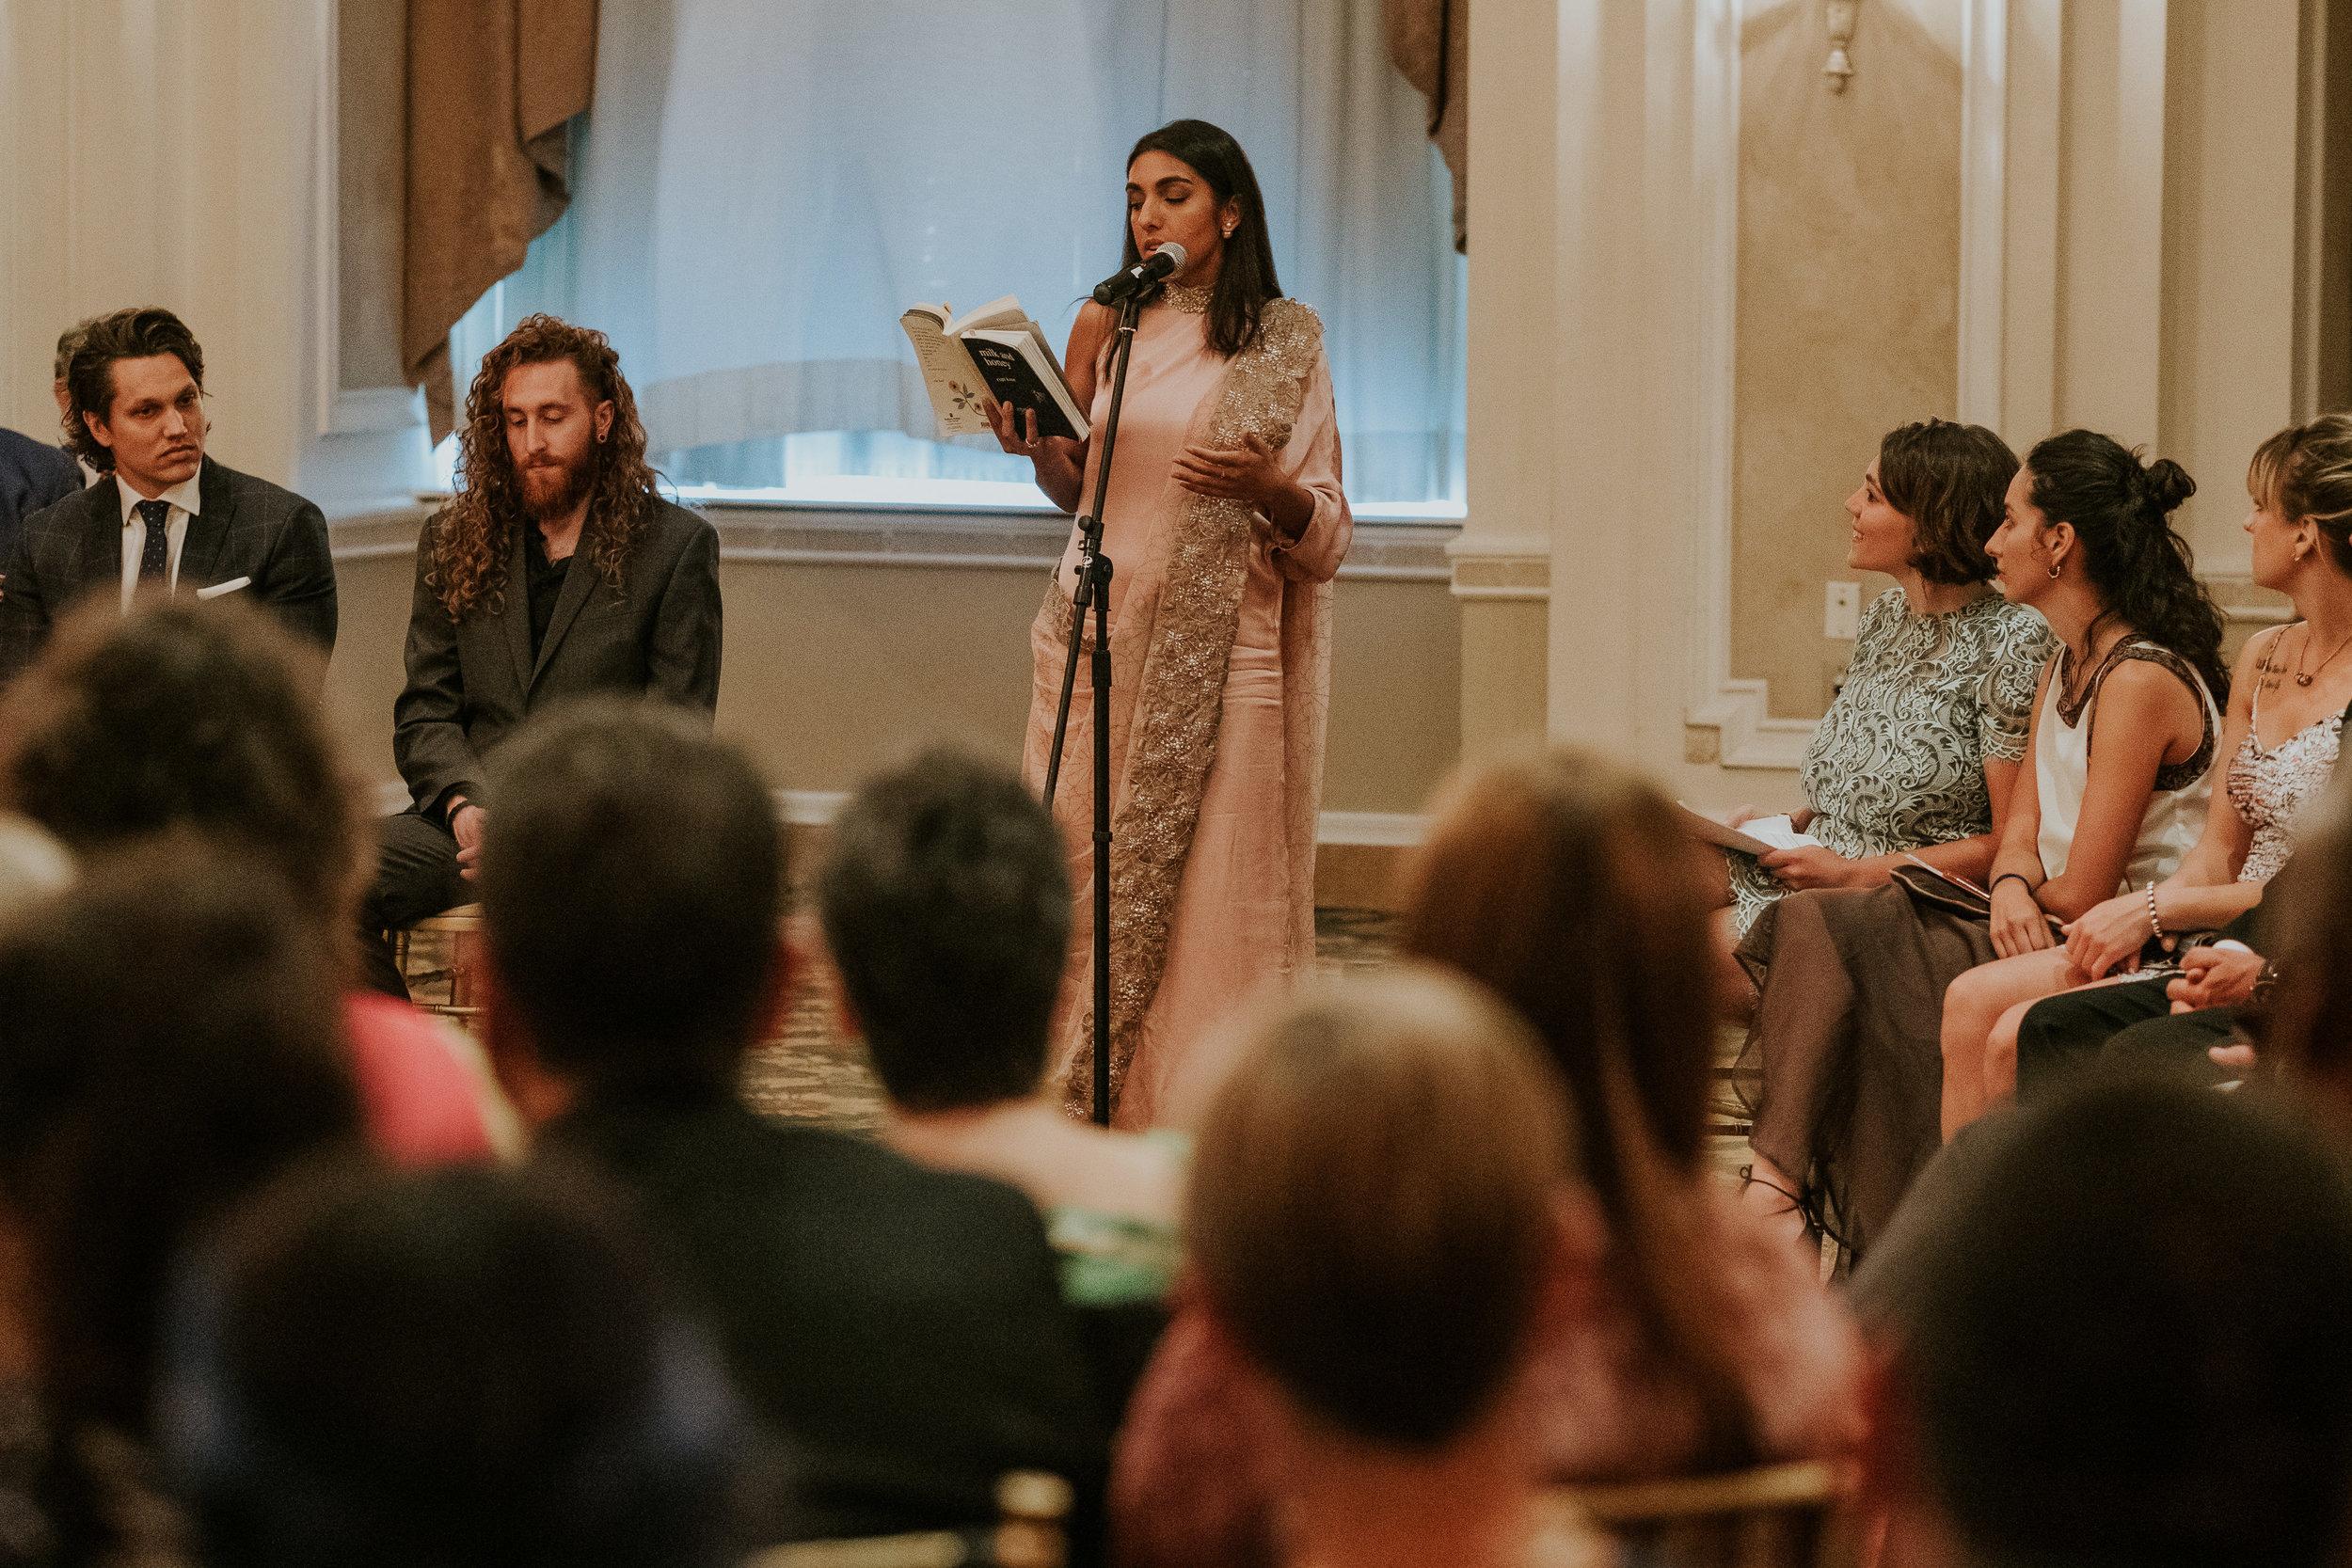 Poet Rupi Kaur